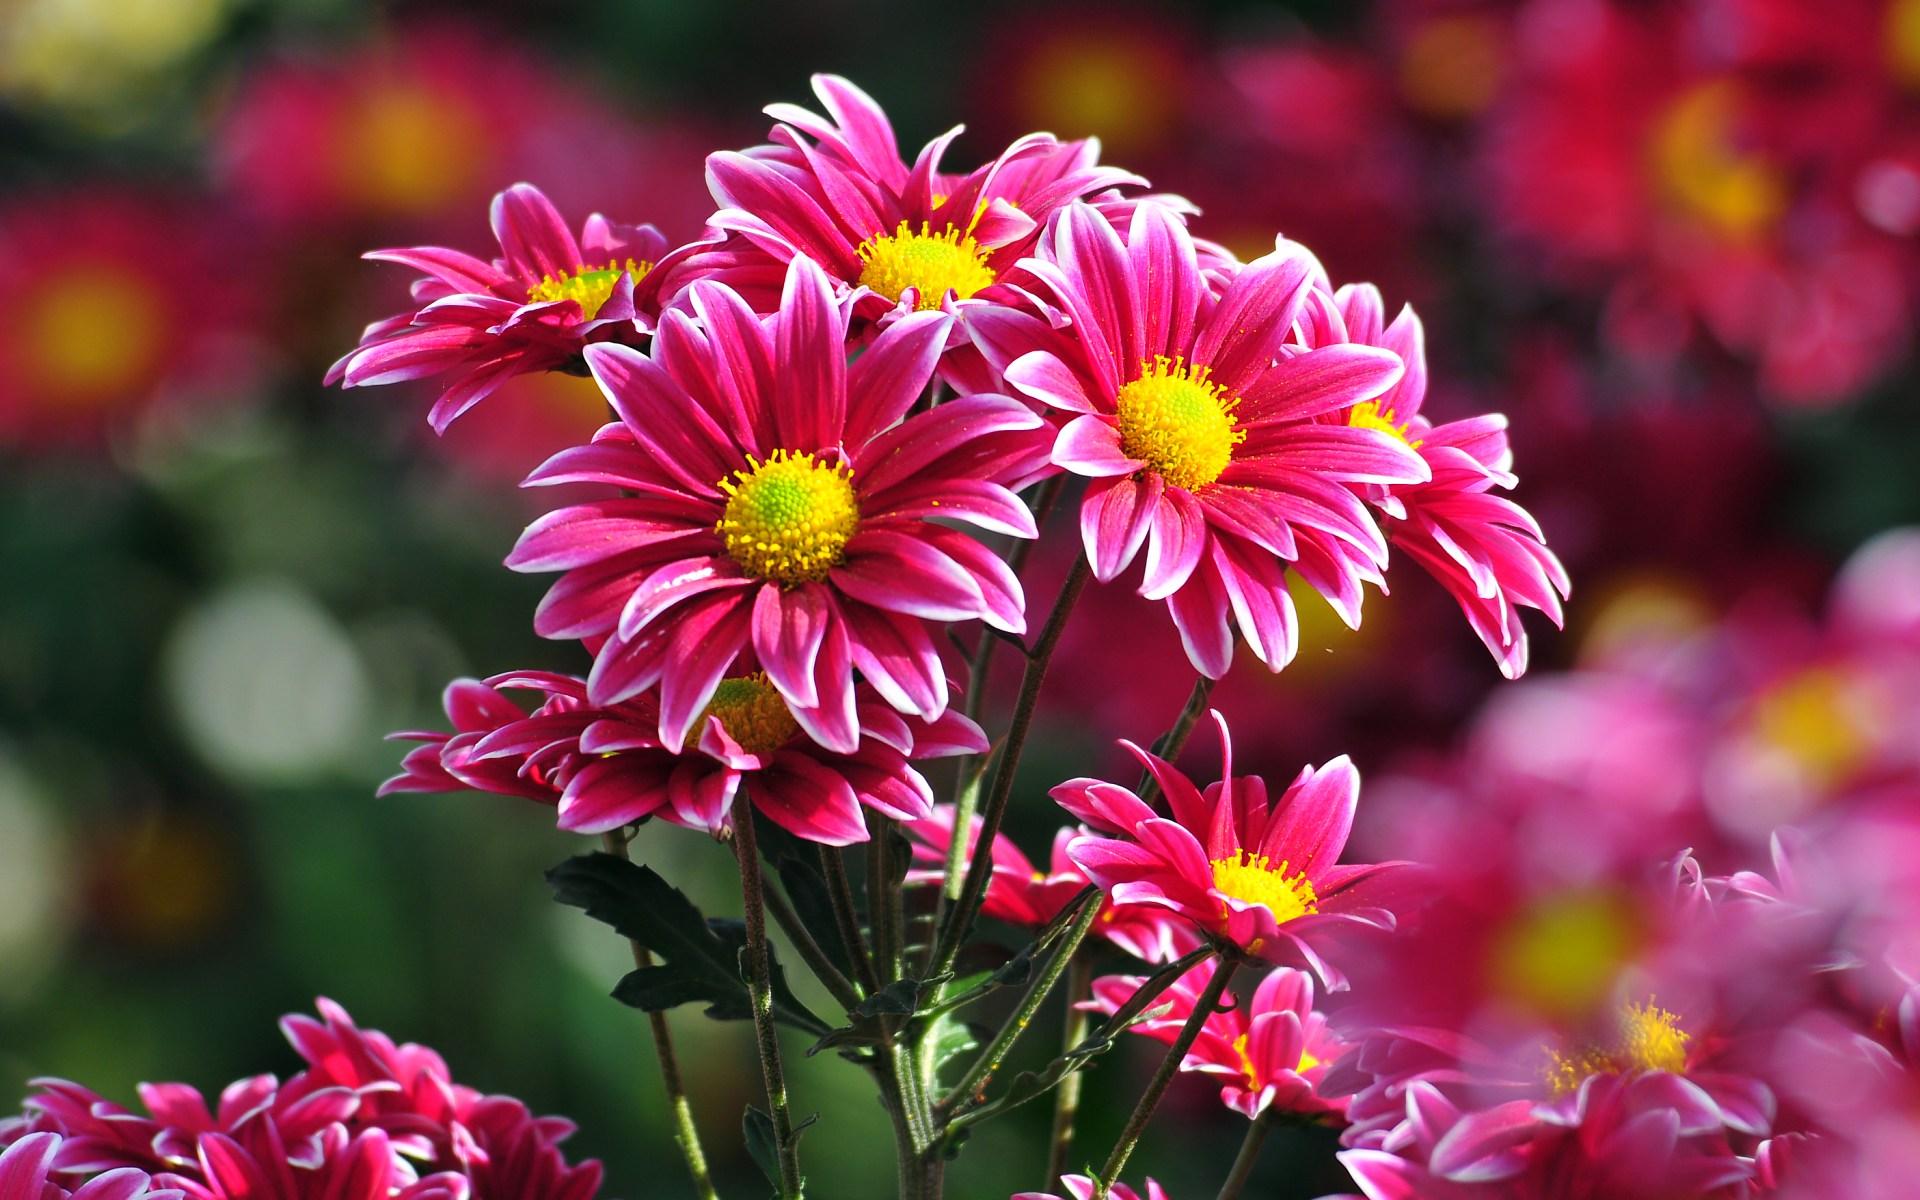 Best Flower Images Hd 1920x1200 Download Hd Wallpaper Wallpapertip